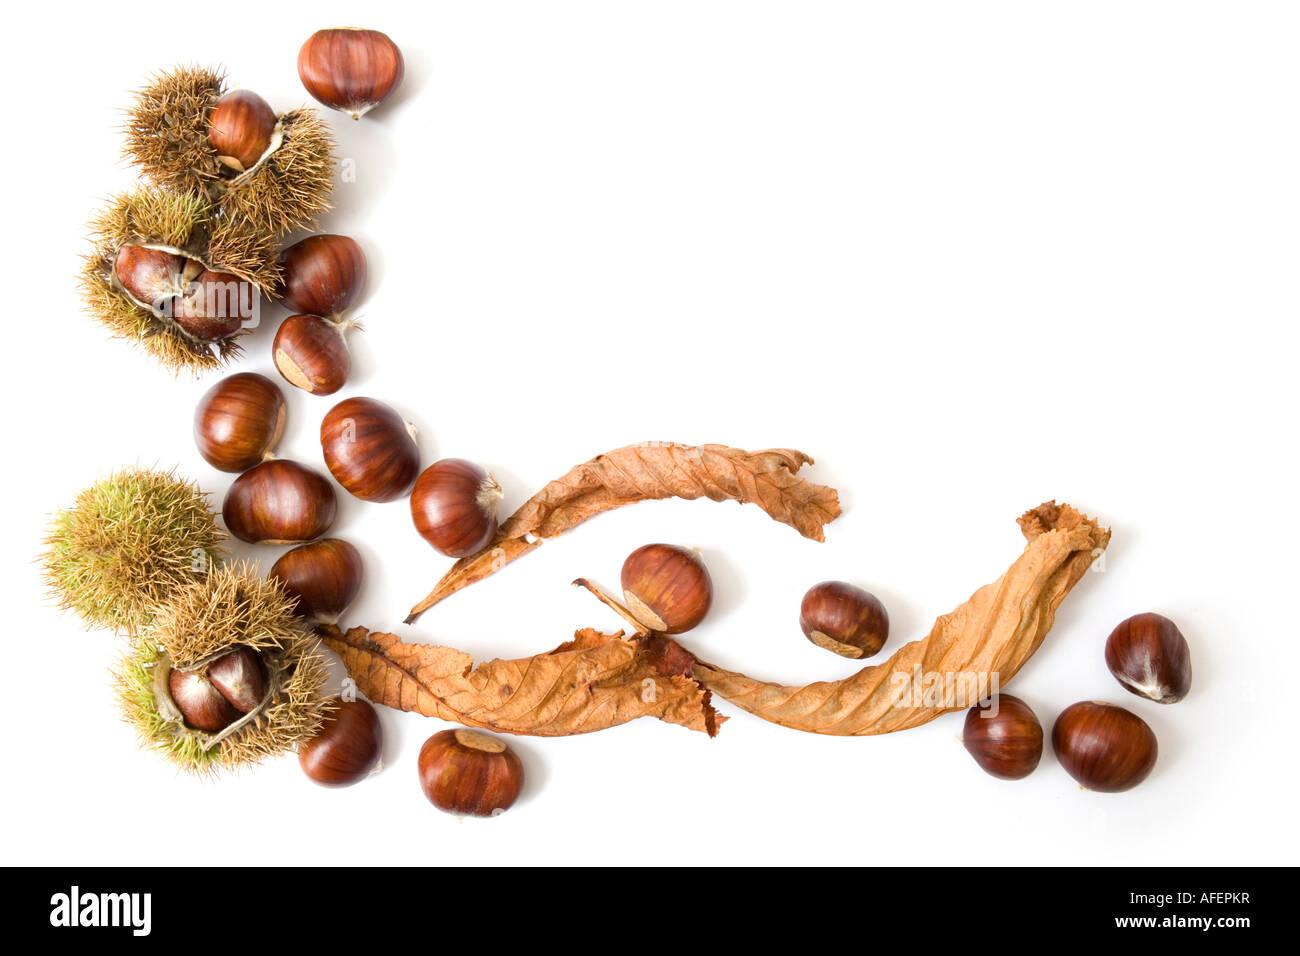 Herbst-Vorlage von Kastanien, isoliert auf weiss mit Textfreiraum Stockbild